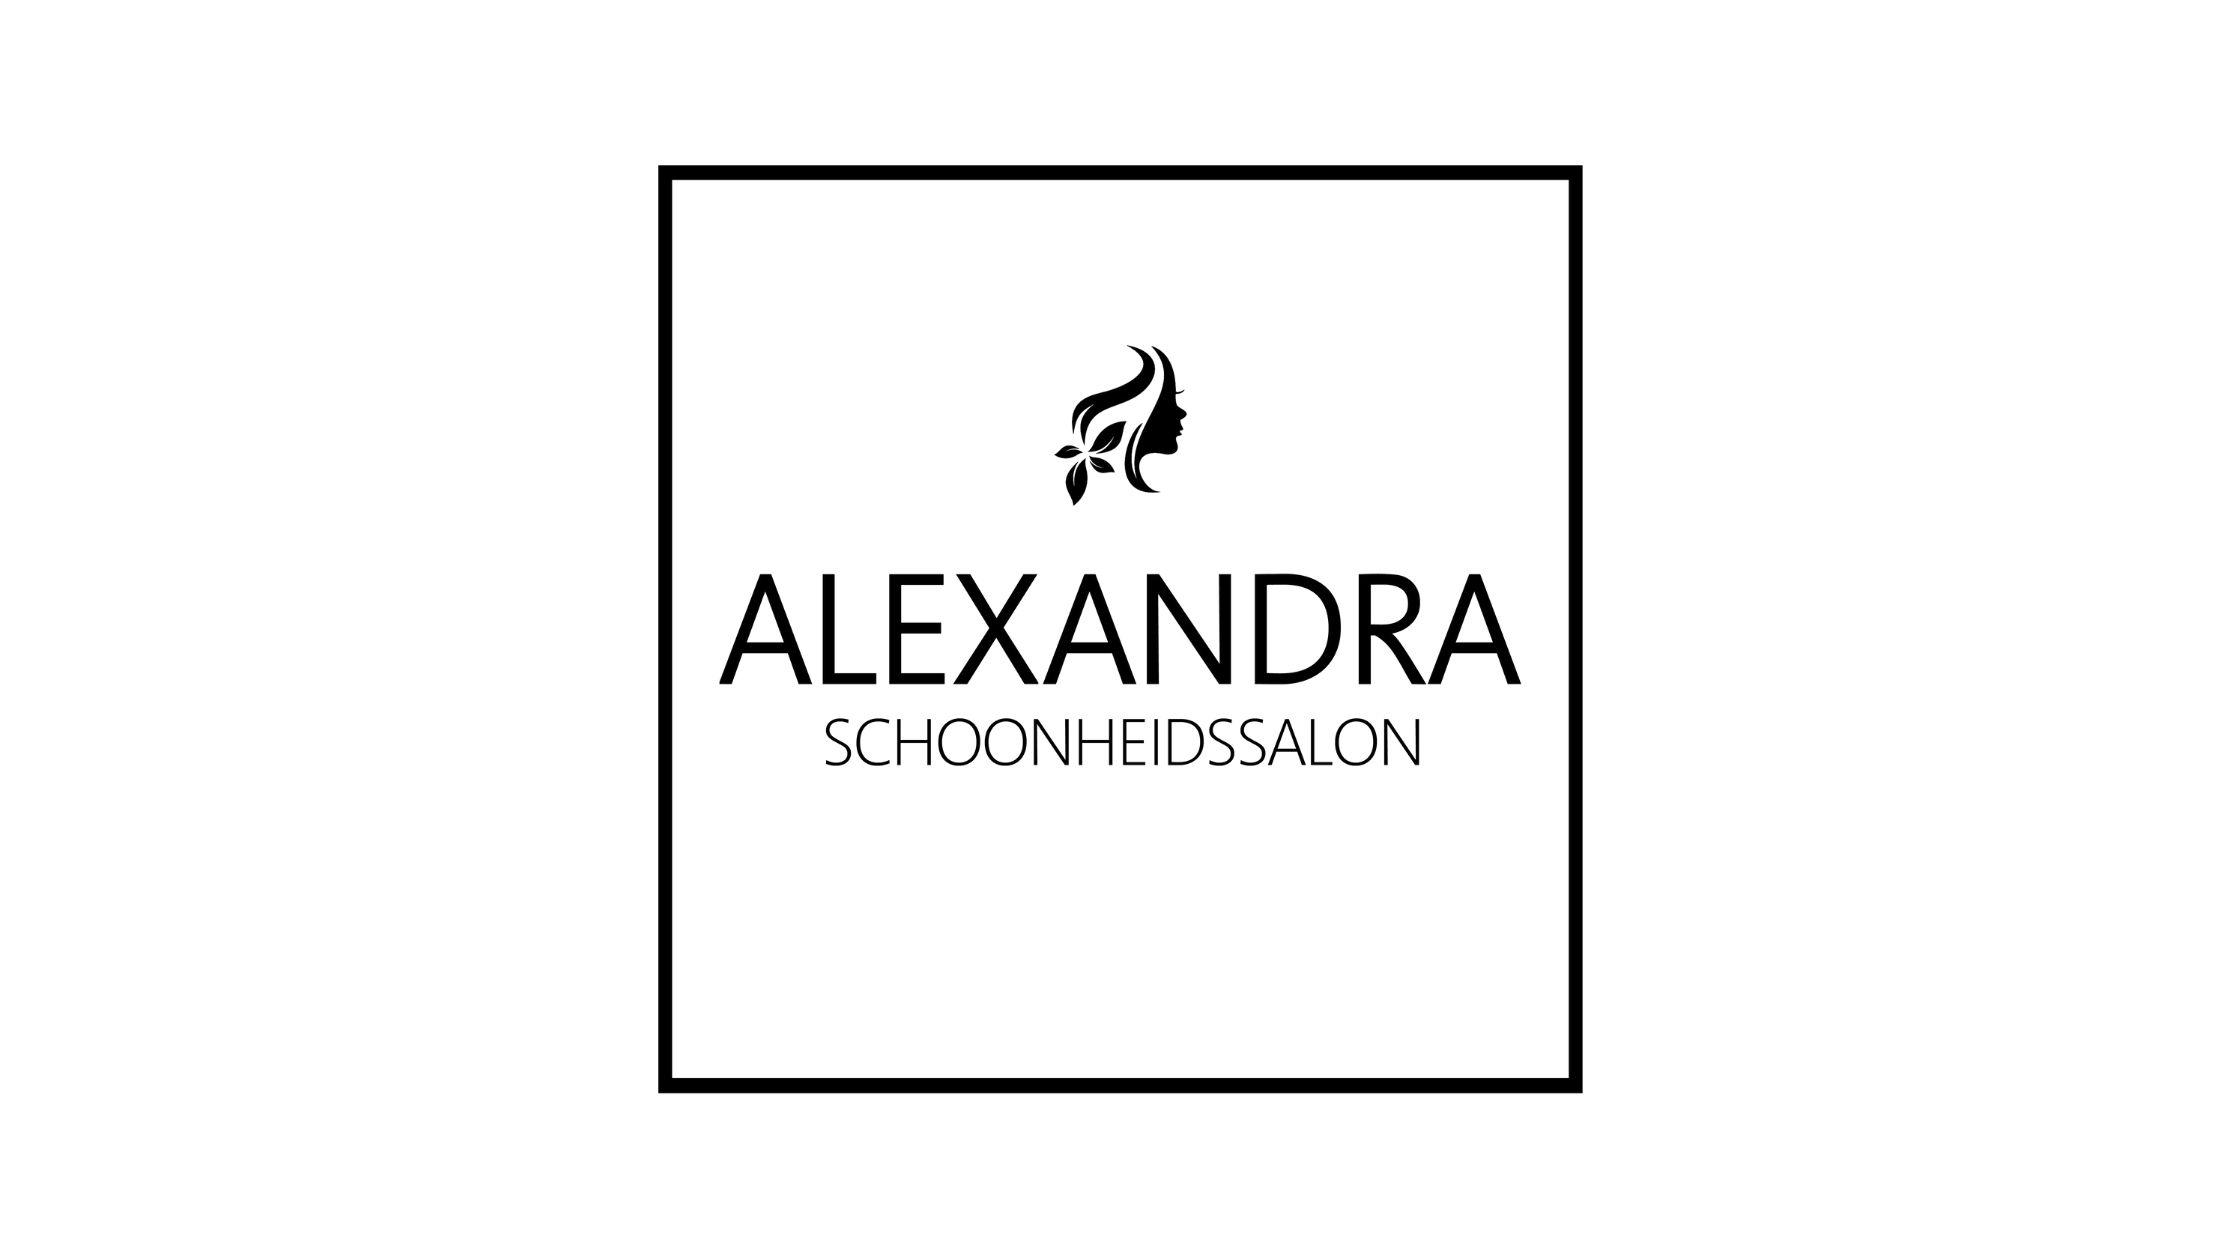 Schoonheidssalon Alexandra